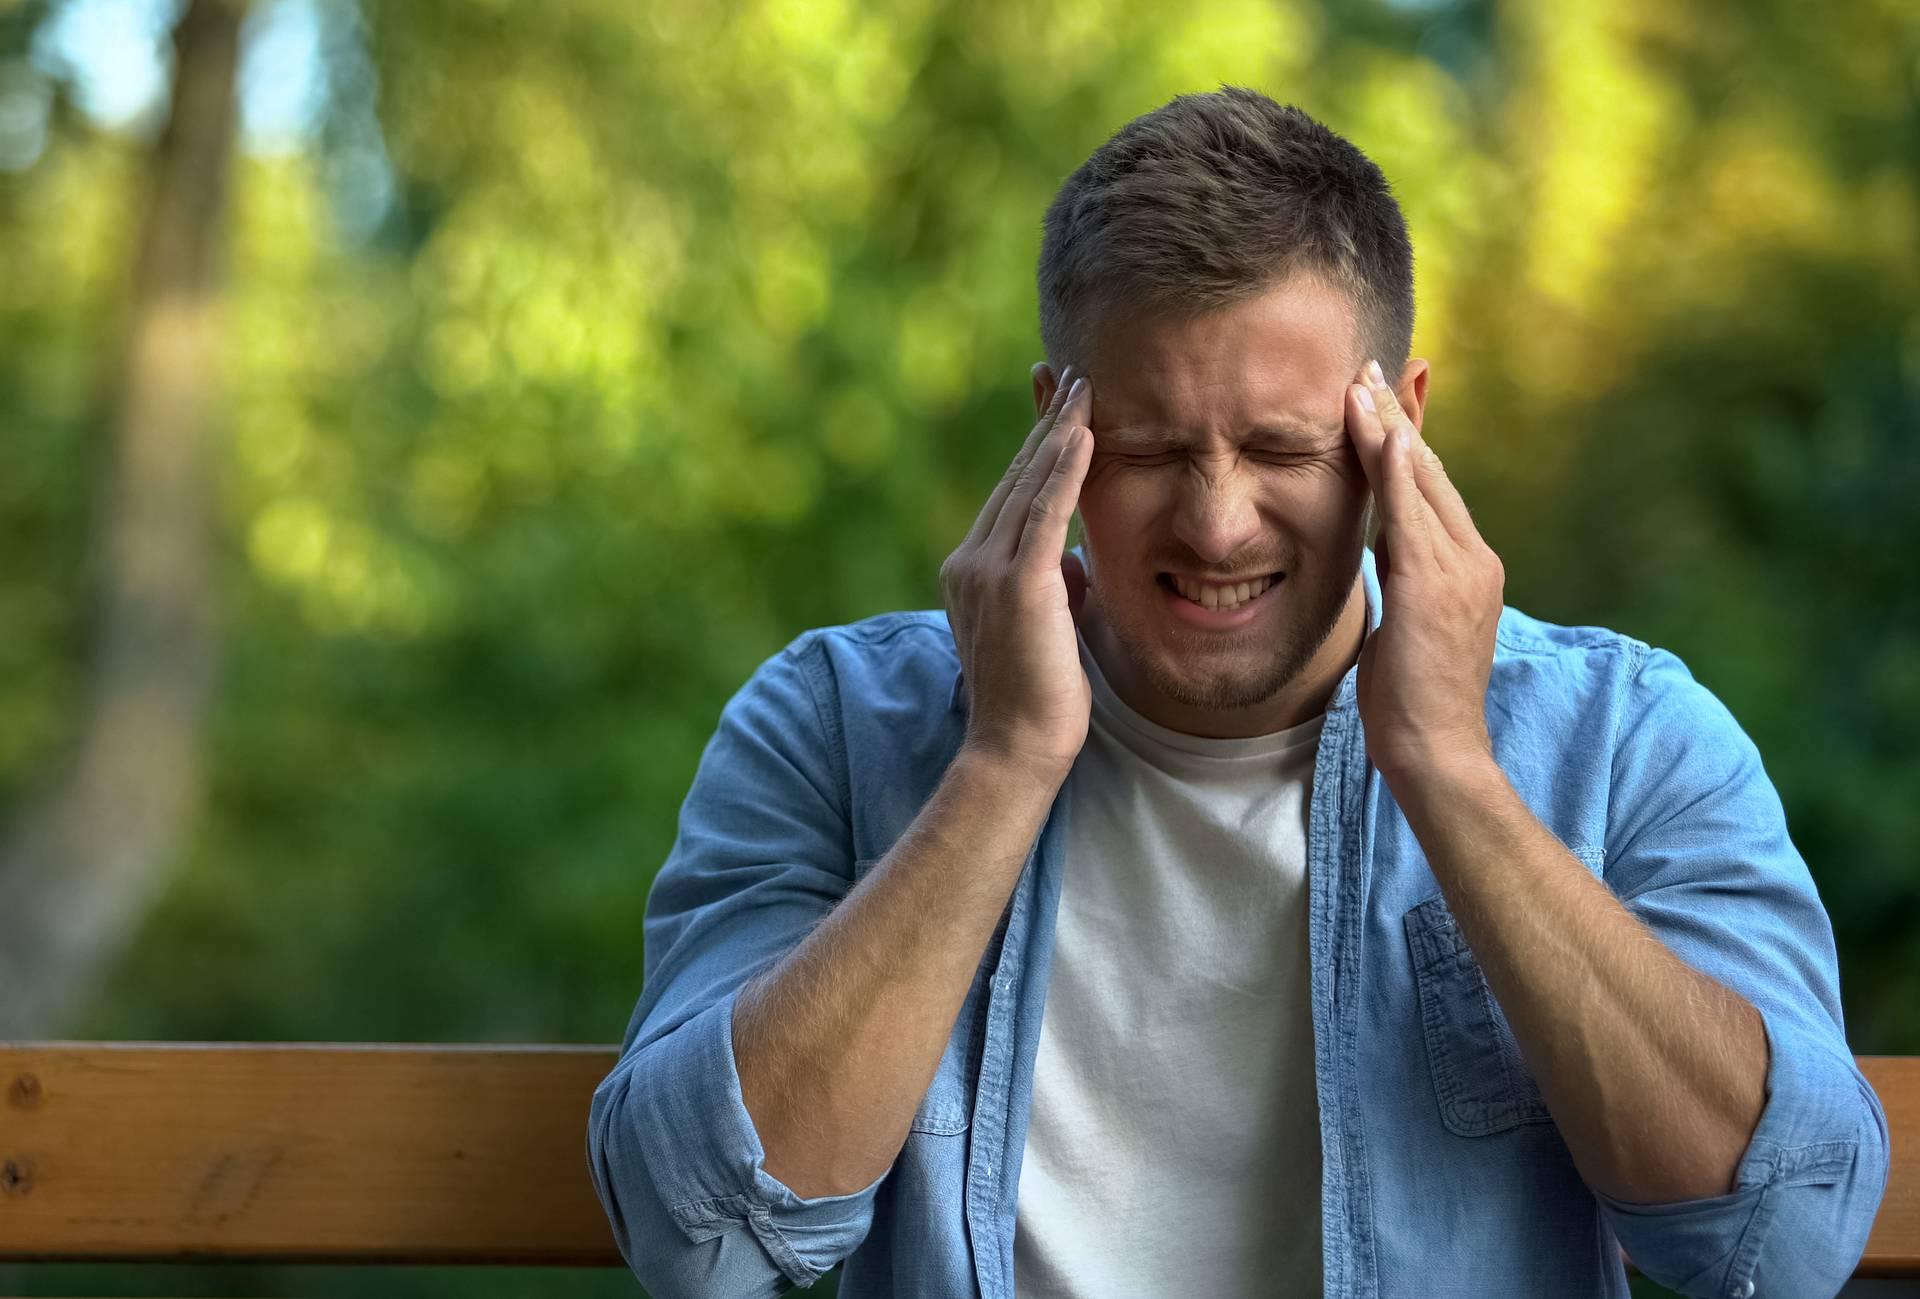 Muči vas glavobolja? Ova hrana može pomoći da je se riješite